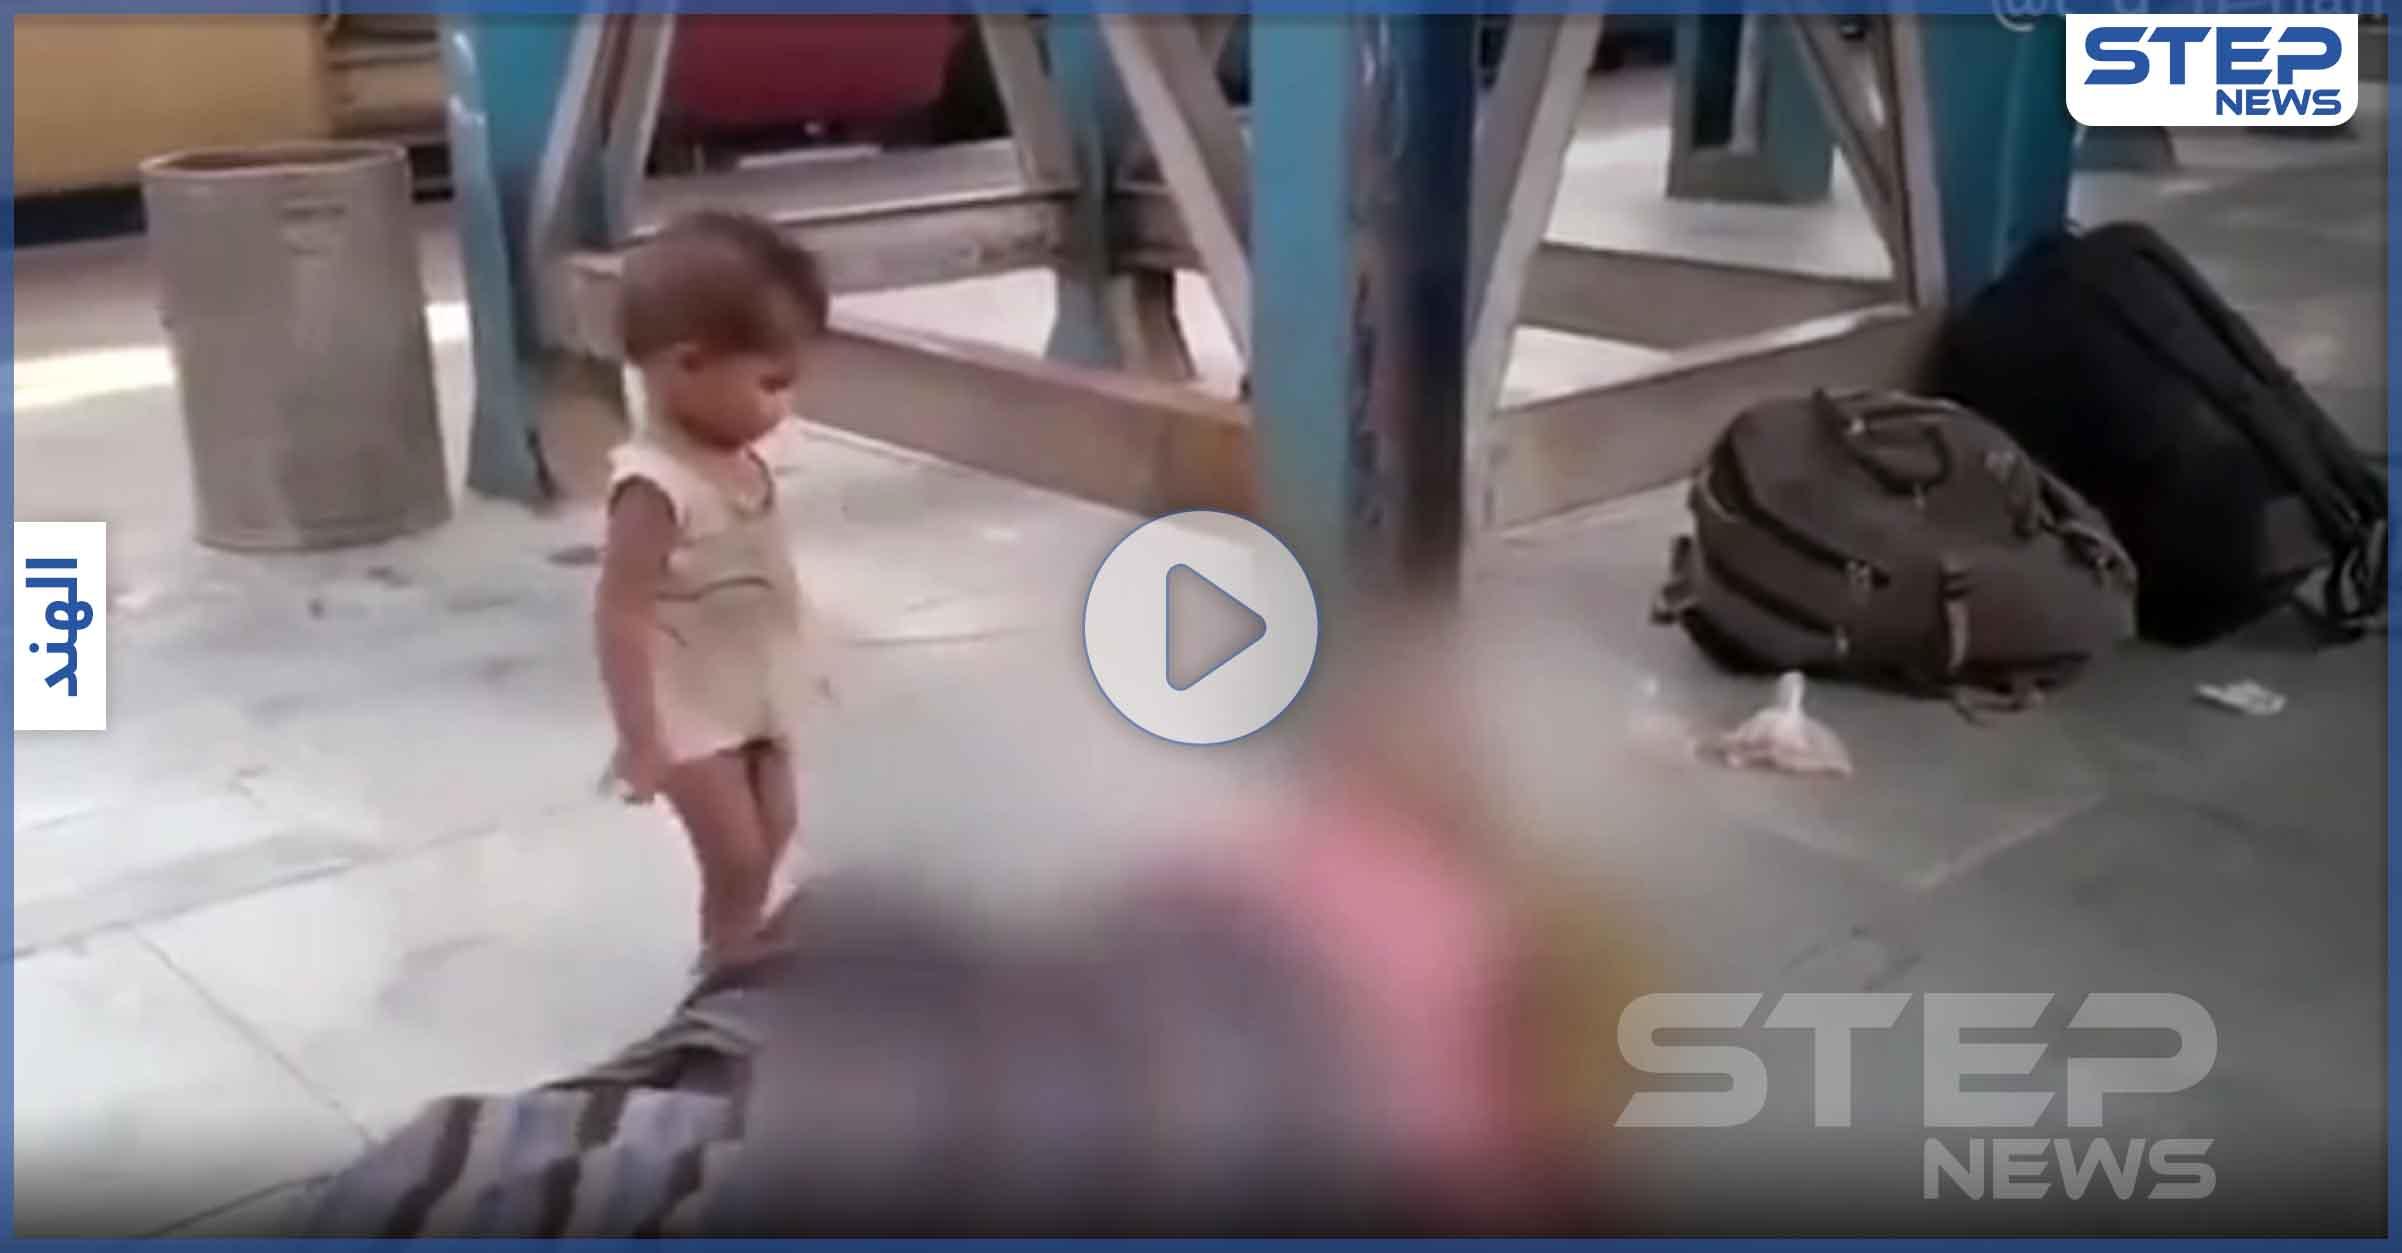 بالفيديو   طفل صغير يداعب أمه التي ماتت من الجوع ويحاول إيقاظها لإطعامه